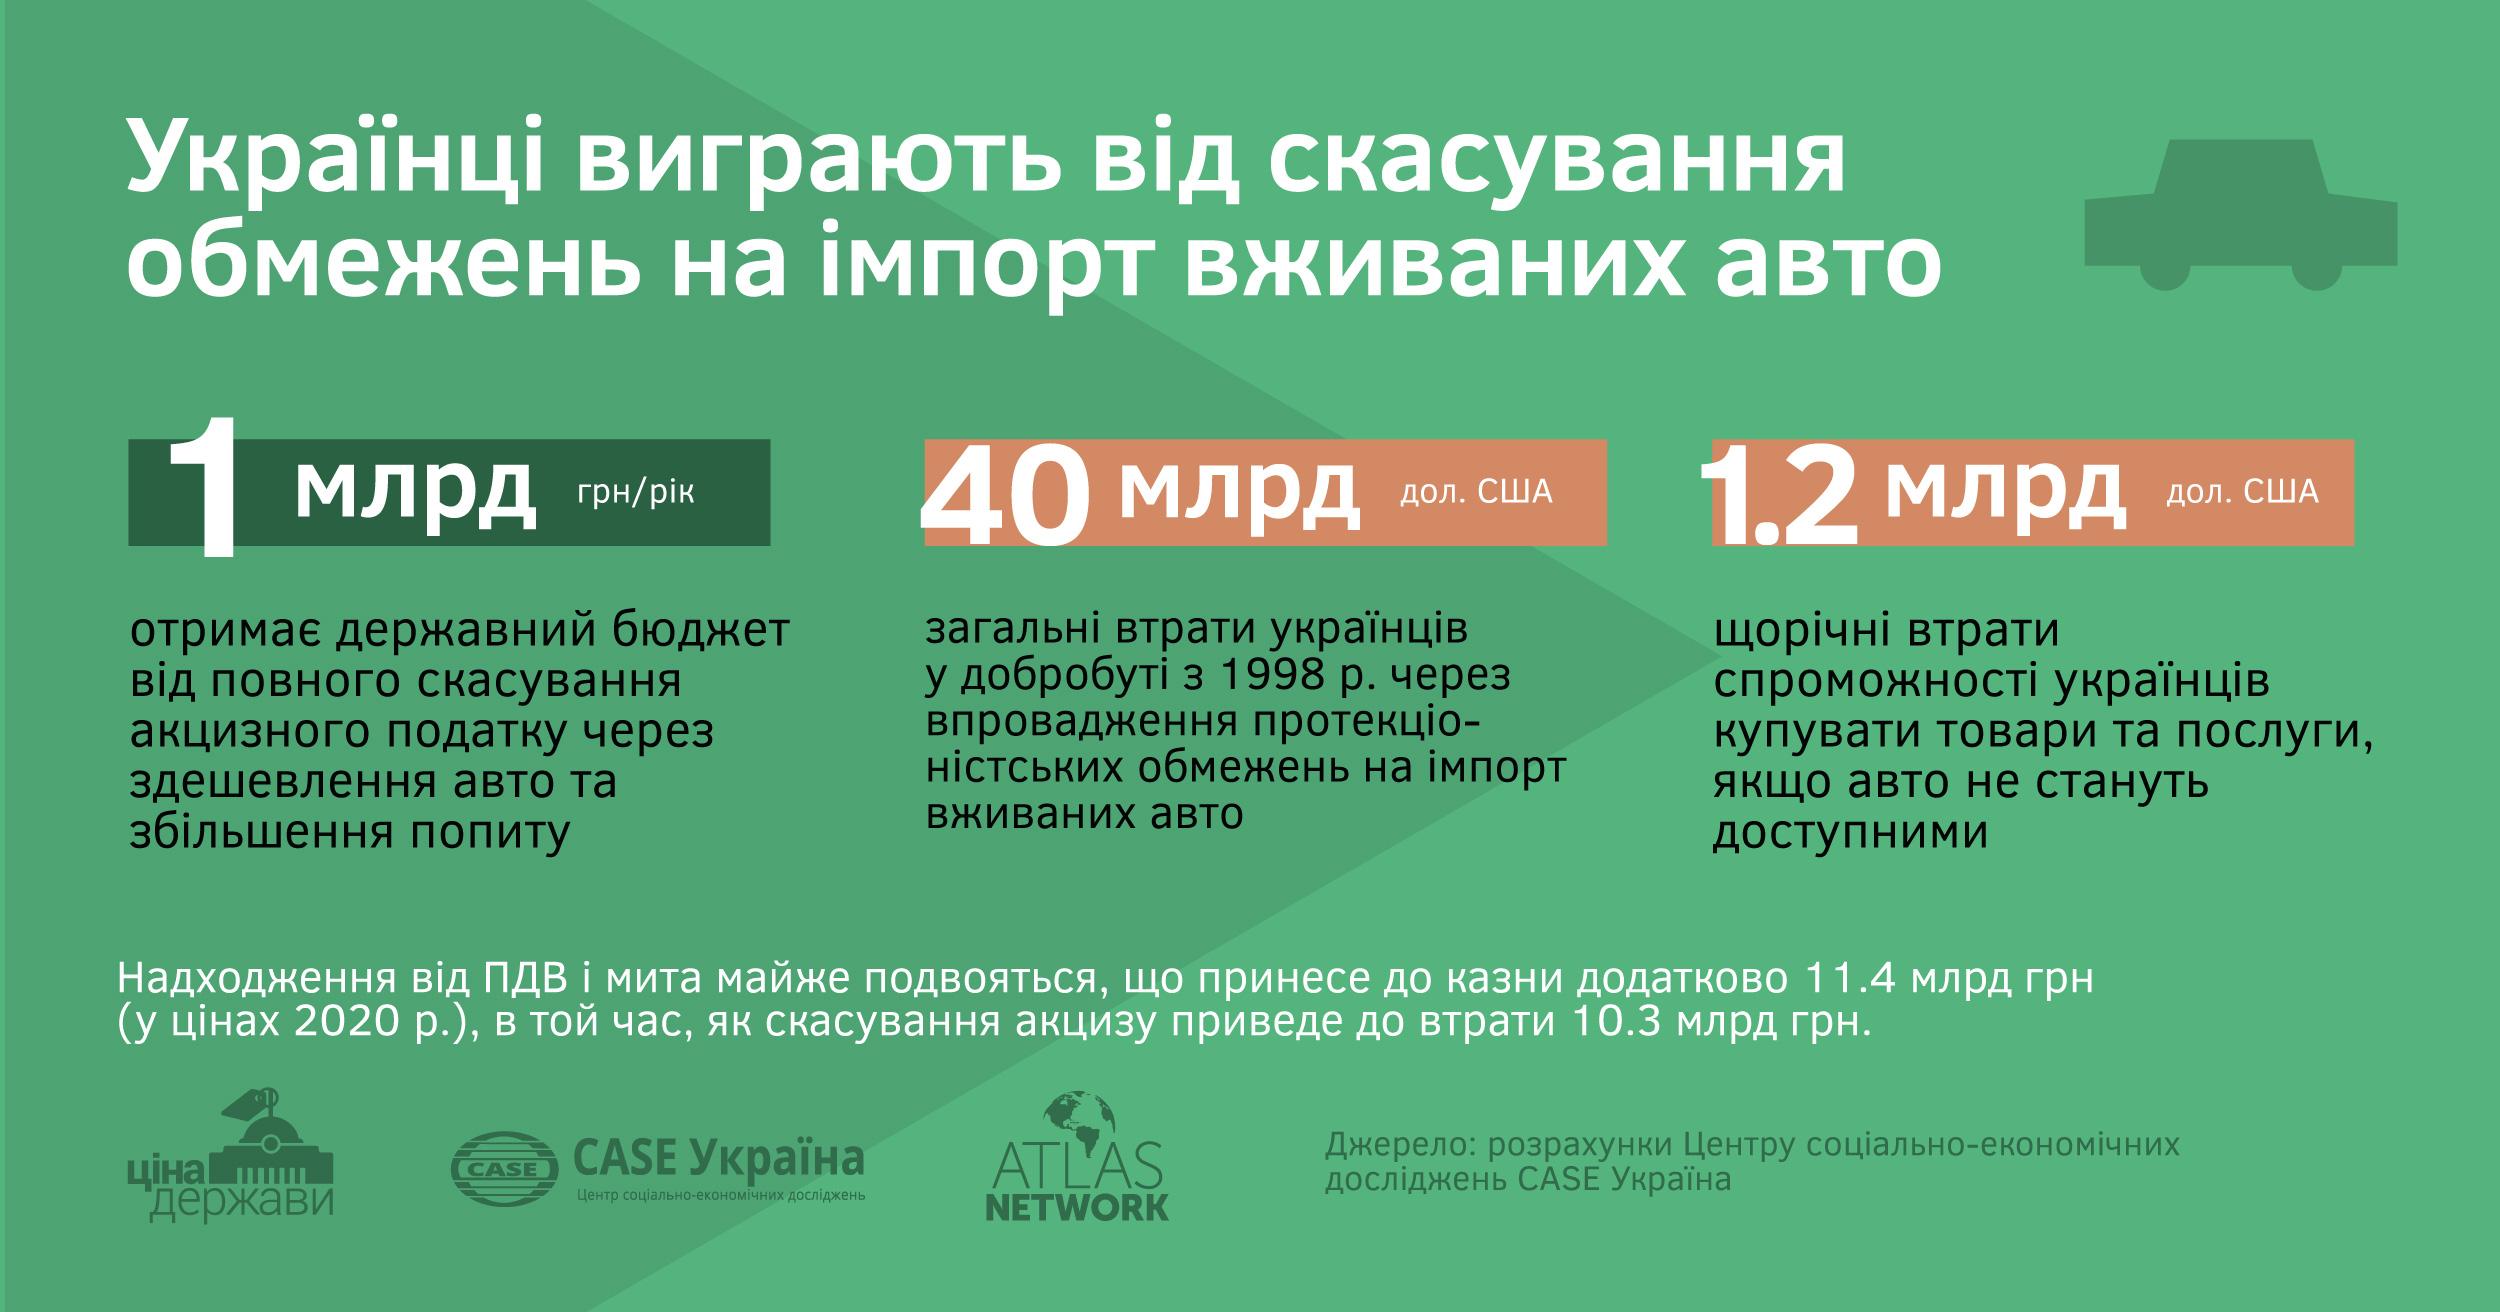 Скасування так званого вікового акцизу при розмитненні вживаних автомобілів не тільки знизить їх вартість, а й дозволить щорічно додатково наповнювати бюджет України на 1 млрд грн.